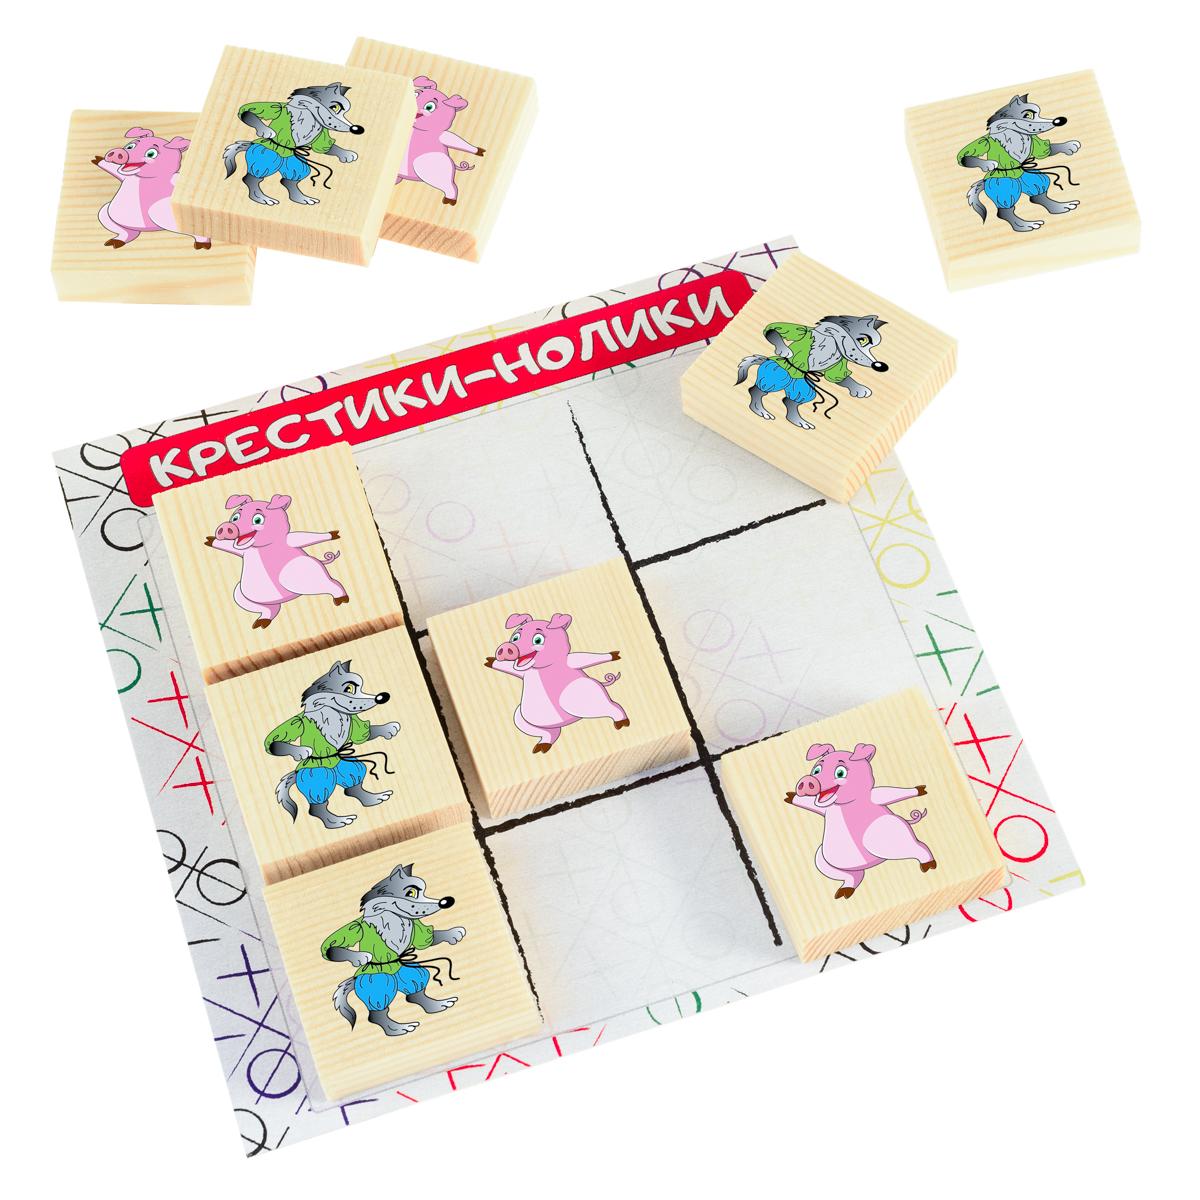 Развивающие деревянные игрушки Обучающая игра Крестики-нолики Волк и поросенокД522аРазвивающая игра КРЕСТИКИ-НОЛИКИ ВОЛК и ПОРОСЕНОК для детей производится из экологичного материала — натурального дерева. Фишки большого размера — 10х35х35 мм — прекрасно подойдут даже для самых маленьких игроков. Малышу удобно держать такую фишку. Рисунки на ней — яркие и большие. С этой игрушкой можно играть не только дома, но и эффективно использовать для занятий в детском саду. Играя, ребёнок развивает целый спектр навыков: моторику, логику, воображение, а также изучает окружающий мир, счёт и цвета. В наборе КРЕСТИКИ-НОЛИКИ ВОЛК и ПОРОСЕНОК вместо традиционных крестика и нолика на поле соревнуются веселый танцующий поросенок и грозный серый волк. ВНИМАНИЕ! Детали игрушки выполнены из натурального дерева (деревоматериала) без покрытия лаками или другими химическими составами. Перед использованием удалите остатки древесины и древесную пыль, тщательно протерев детали игрушки мягкой тканью!